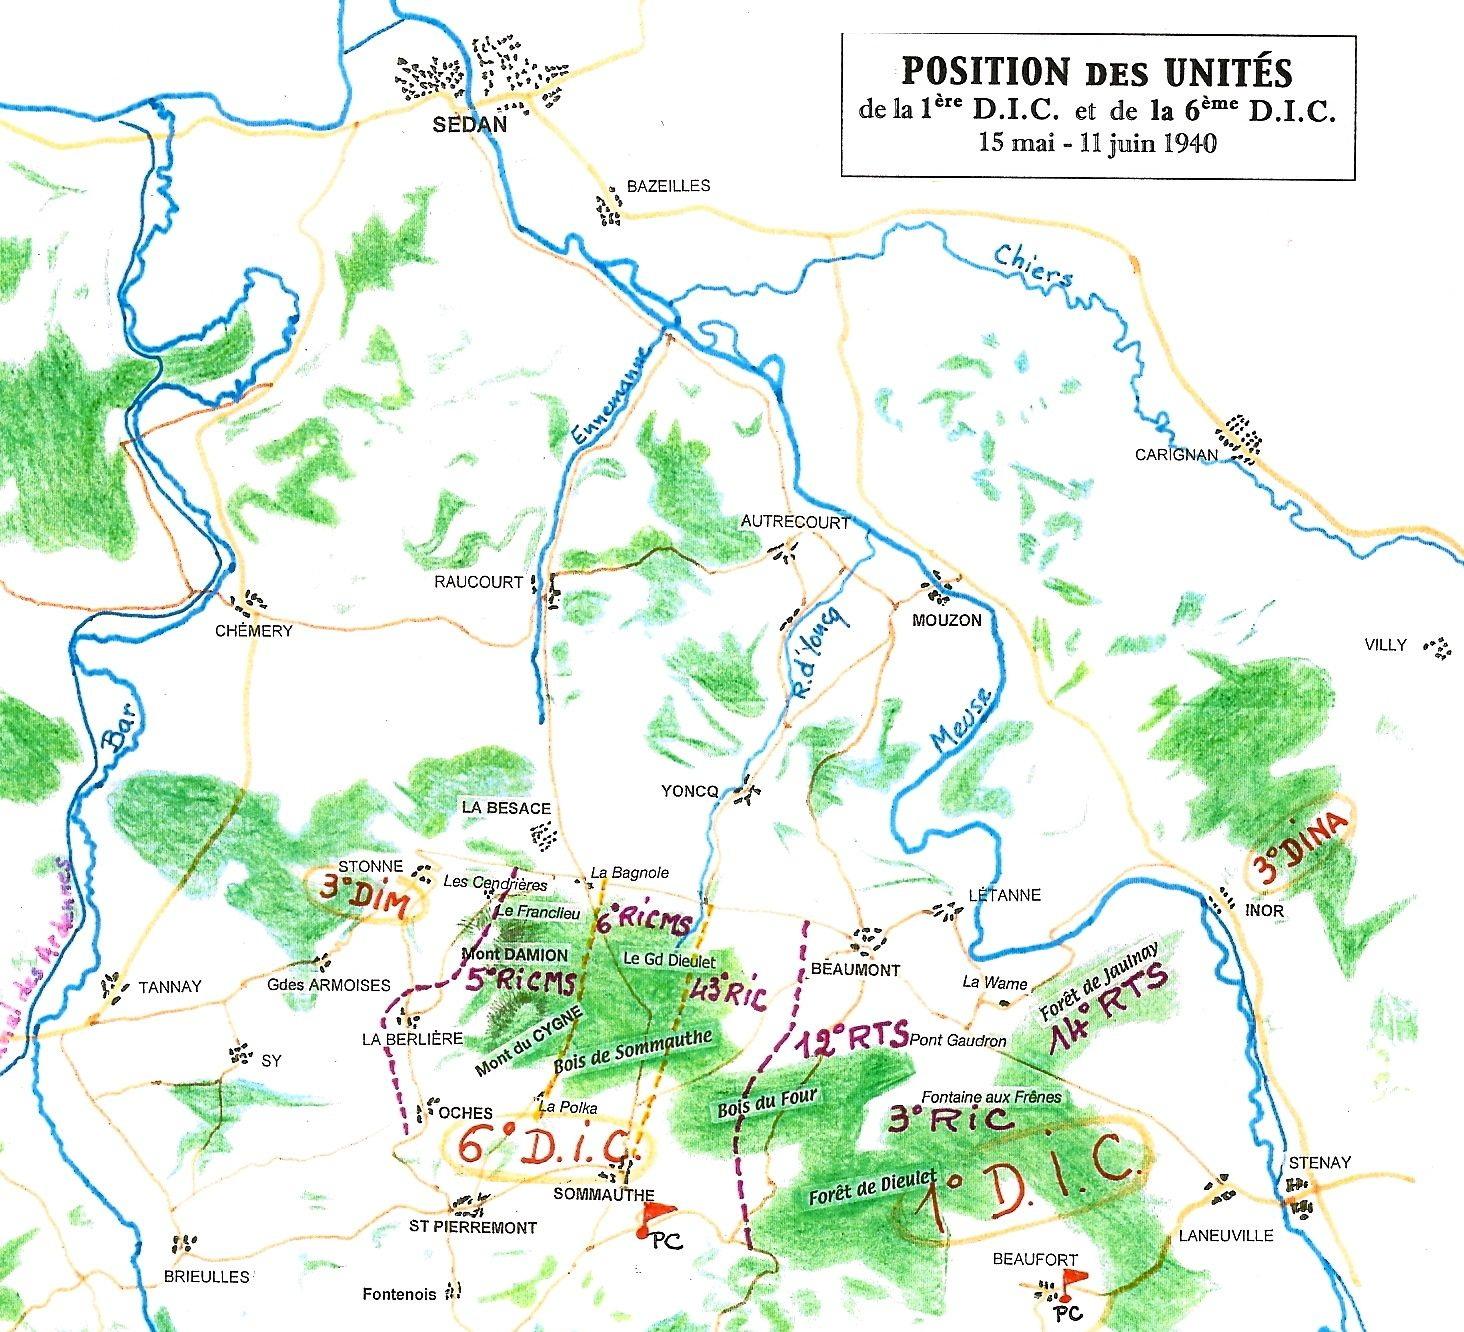 Position des unités sur le secteur de Beaumont